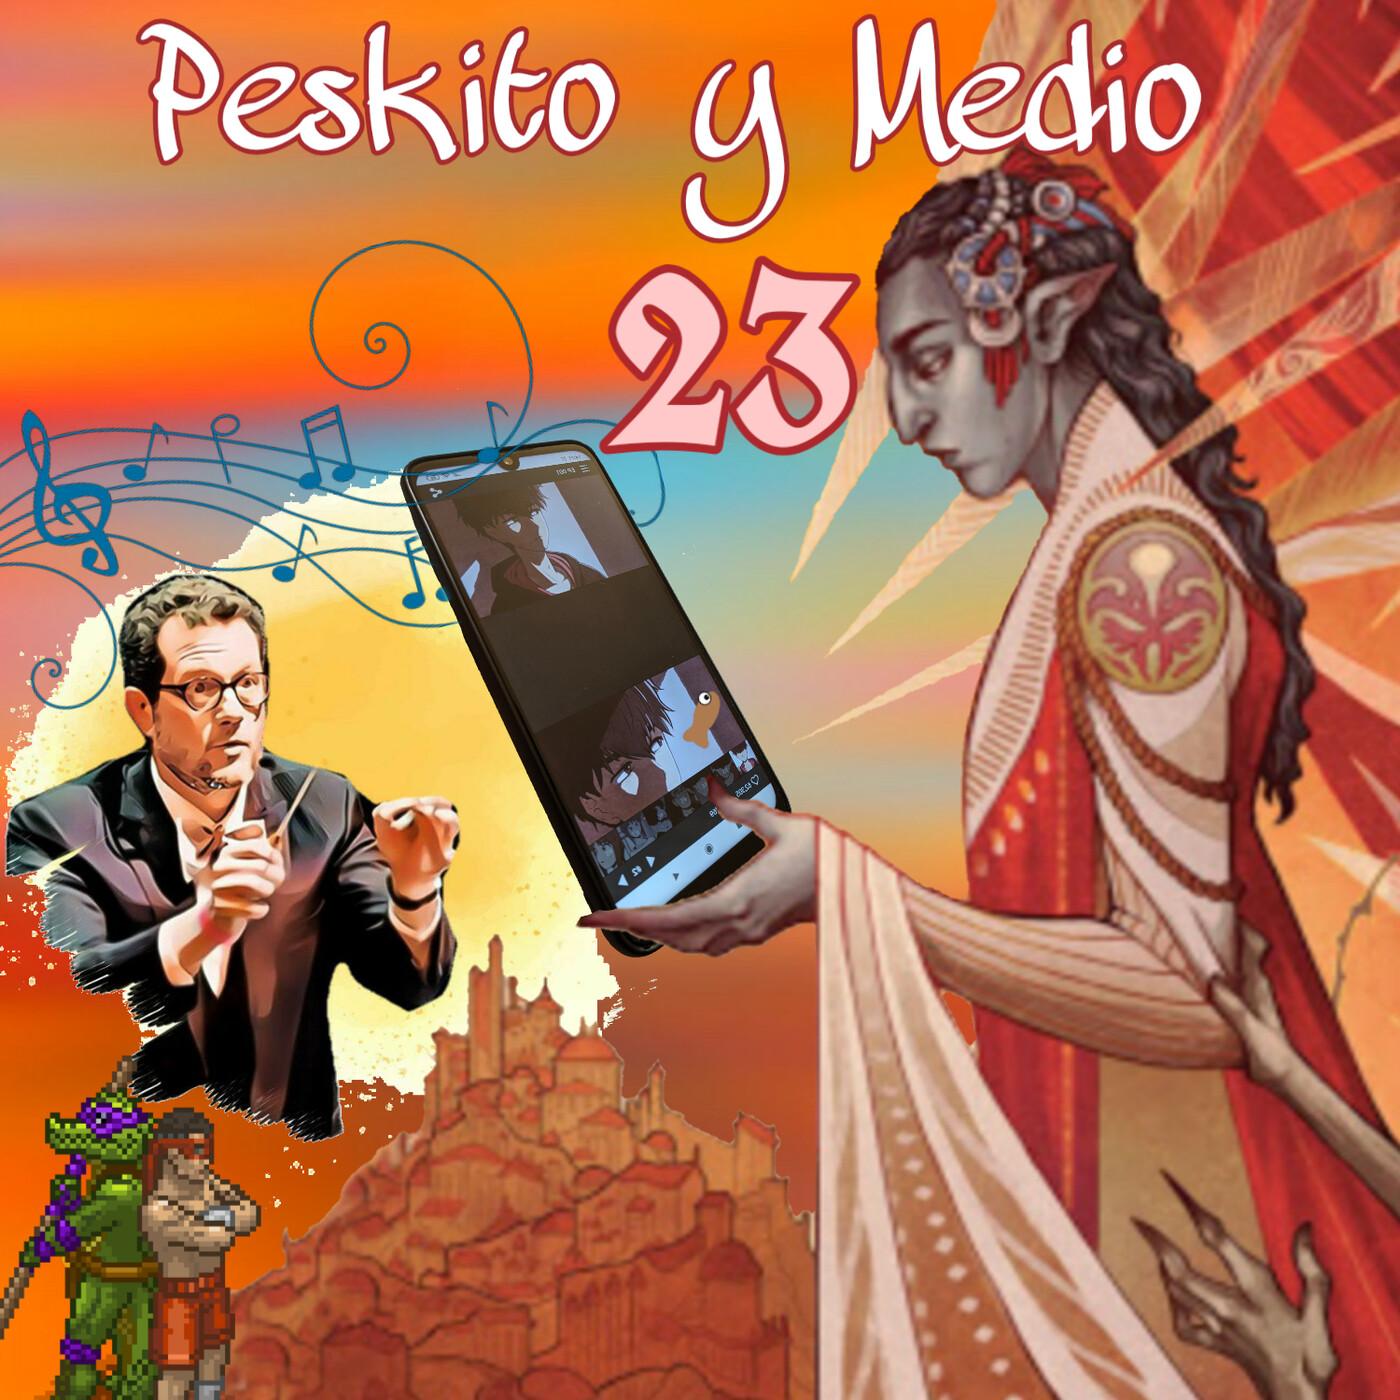 Peskito y Medio Podcast 23. Webtoons - Punch Club - El emperador goblin - BSOs: Fino, fino, Michael Giacchino